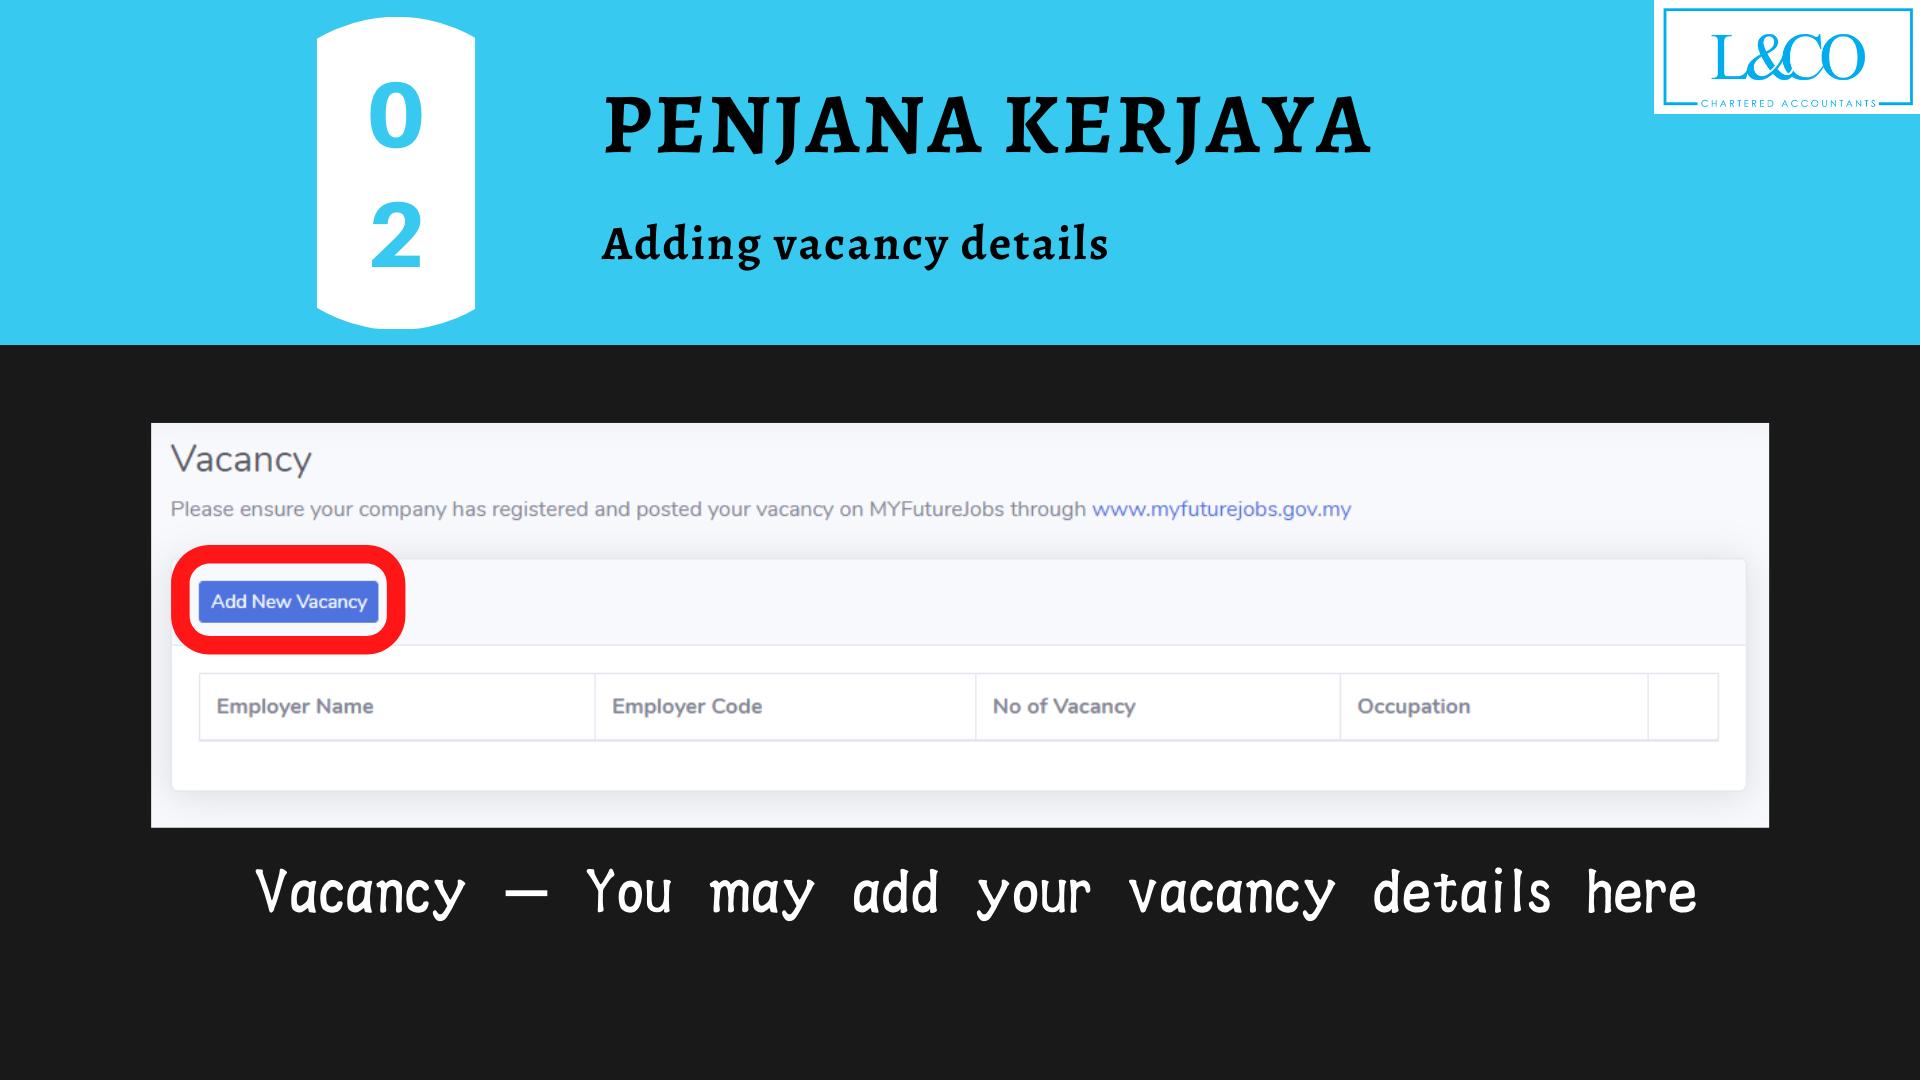 Penjana Kerjaya vacancy